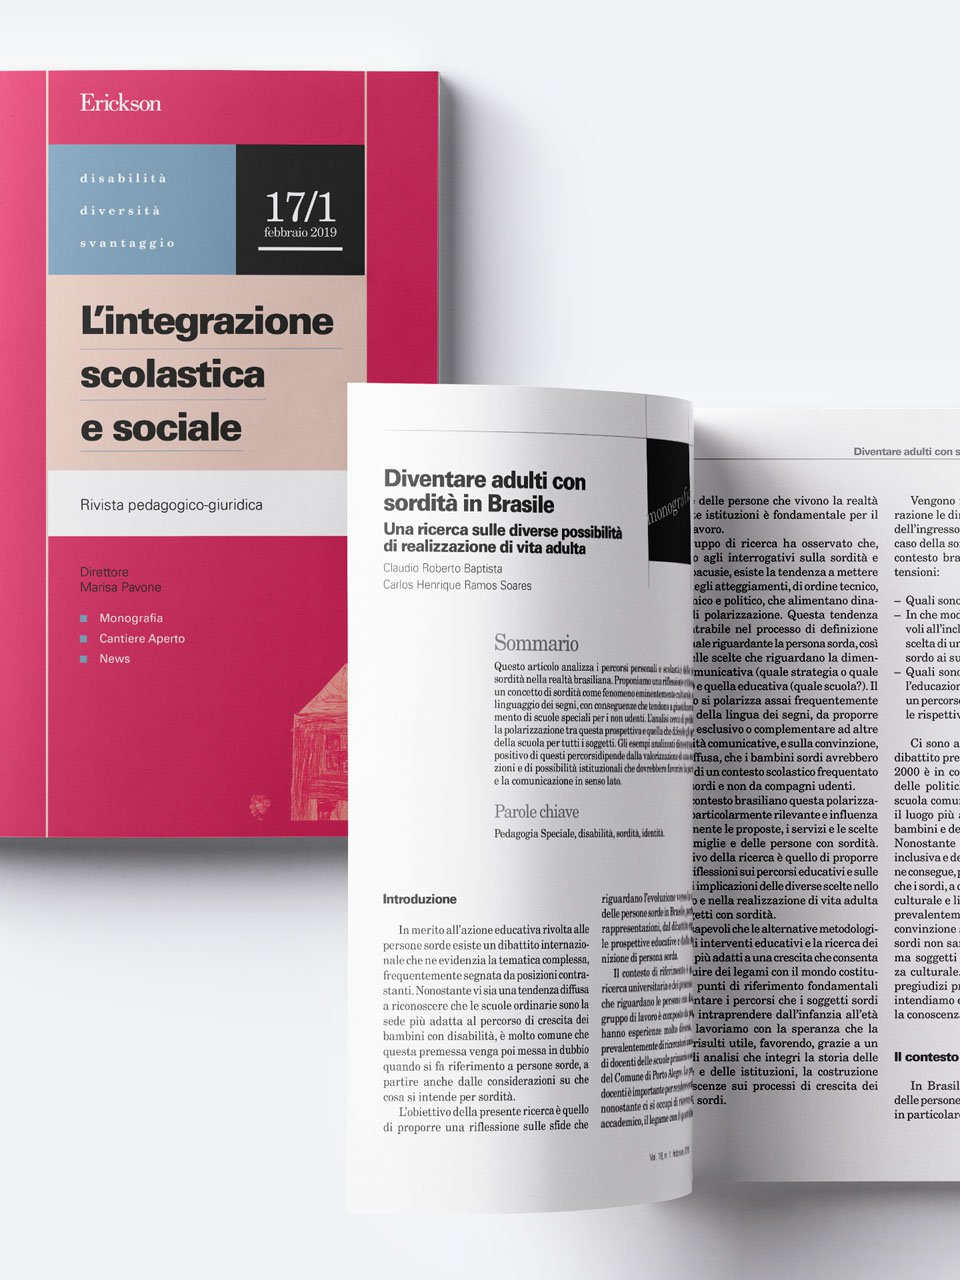 L'integrazione scolastica e sociale - Riviste - Erickson 3